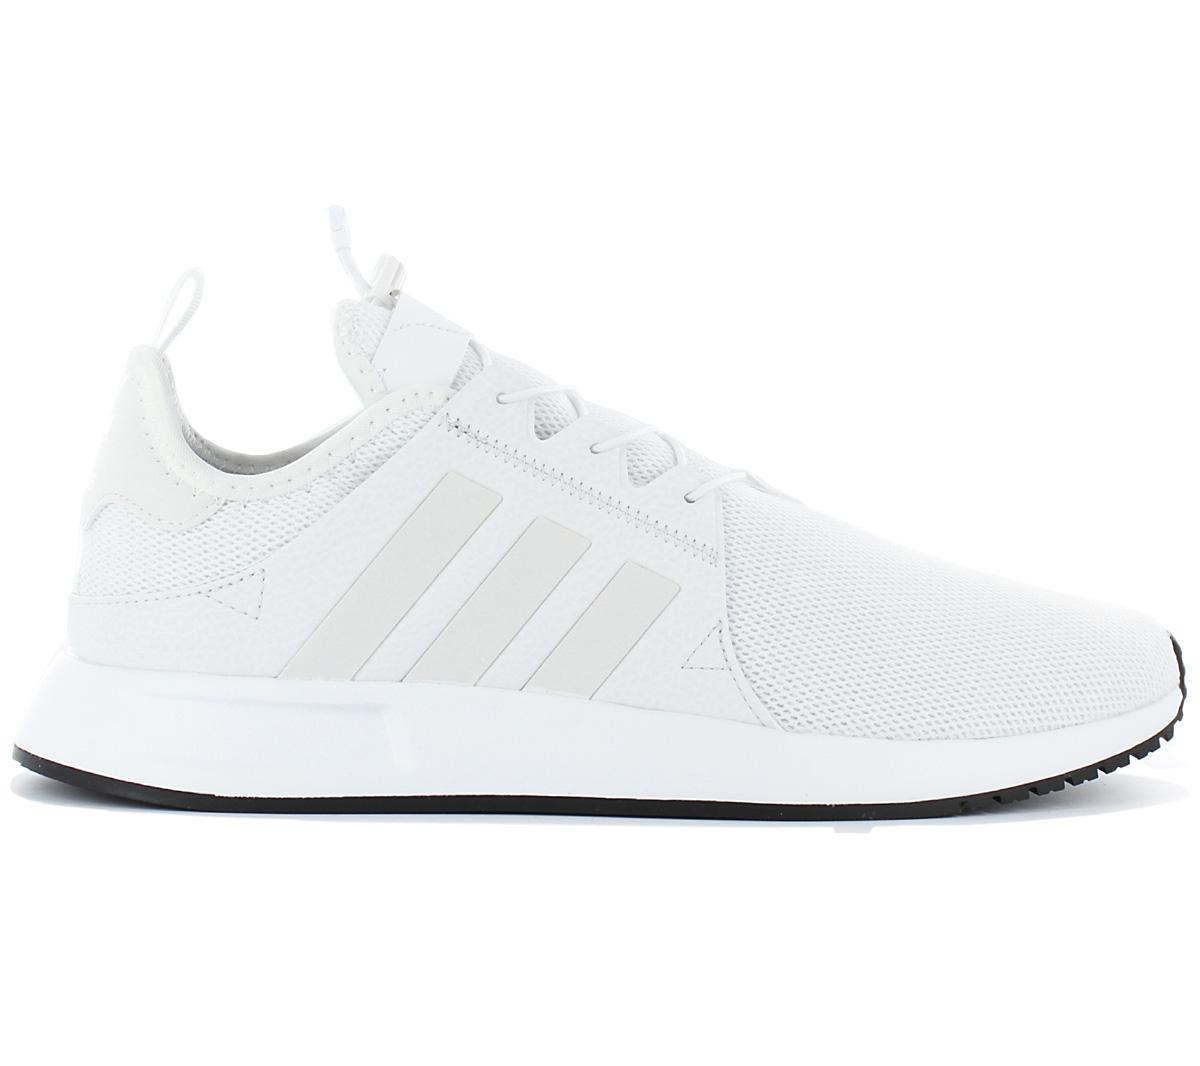 Adidas Originals x Plr Trainers White Men s Women s Shoes BB1099 ... abffd2754